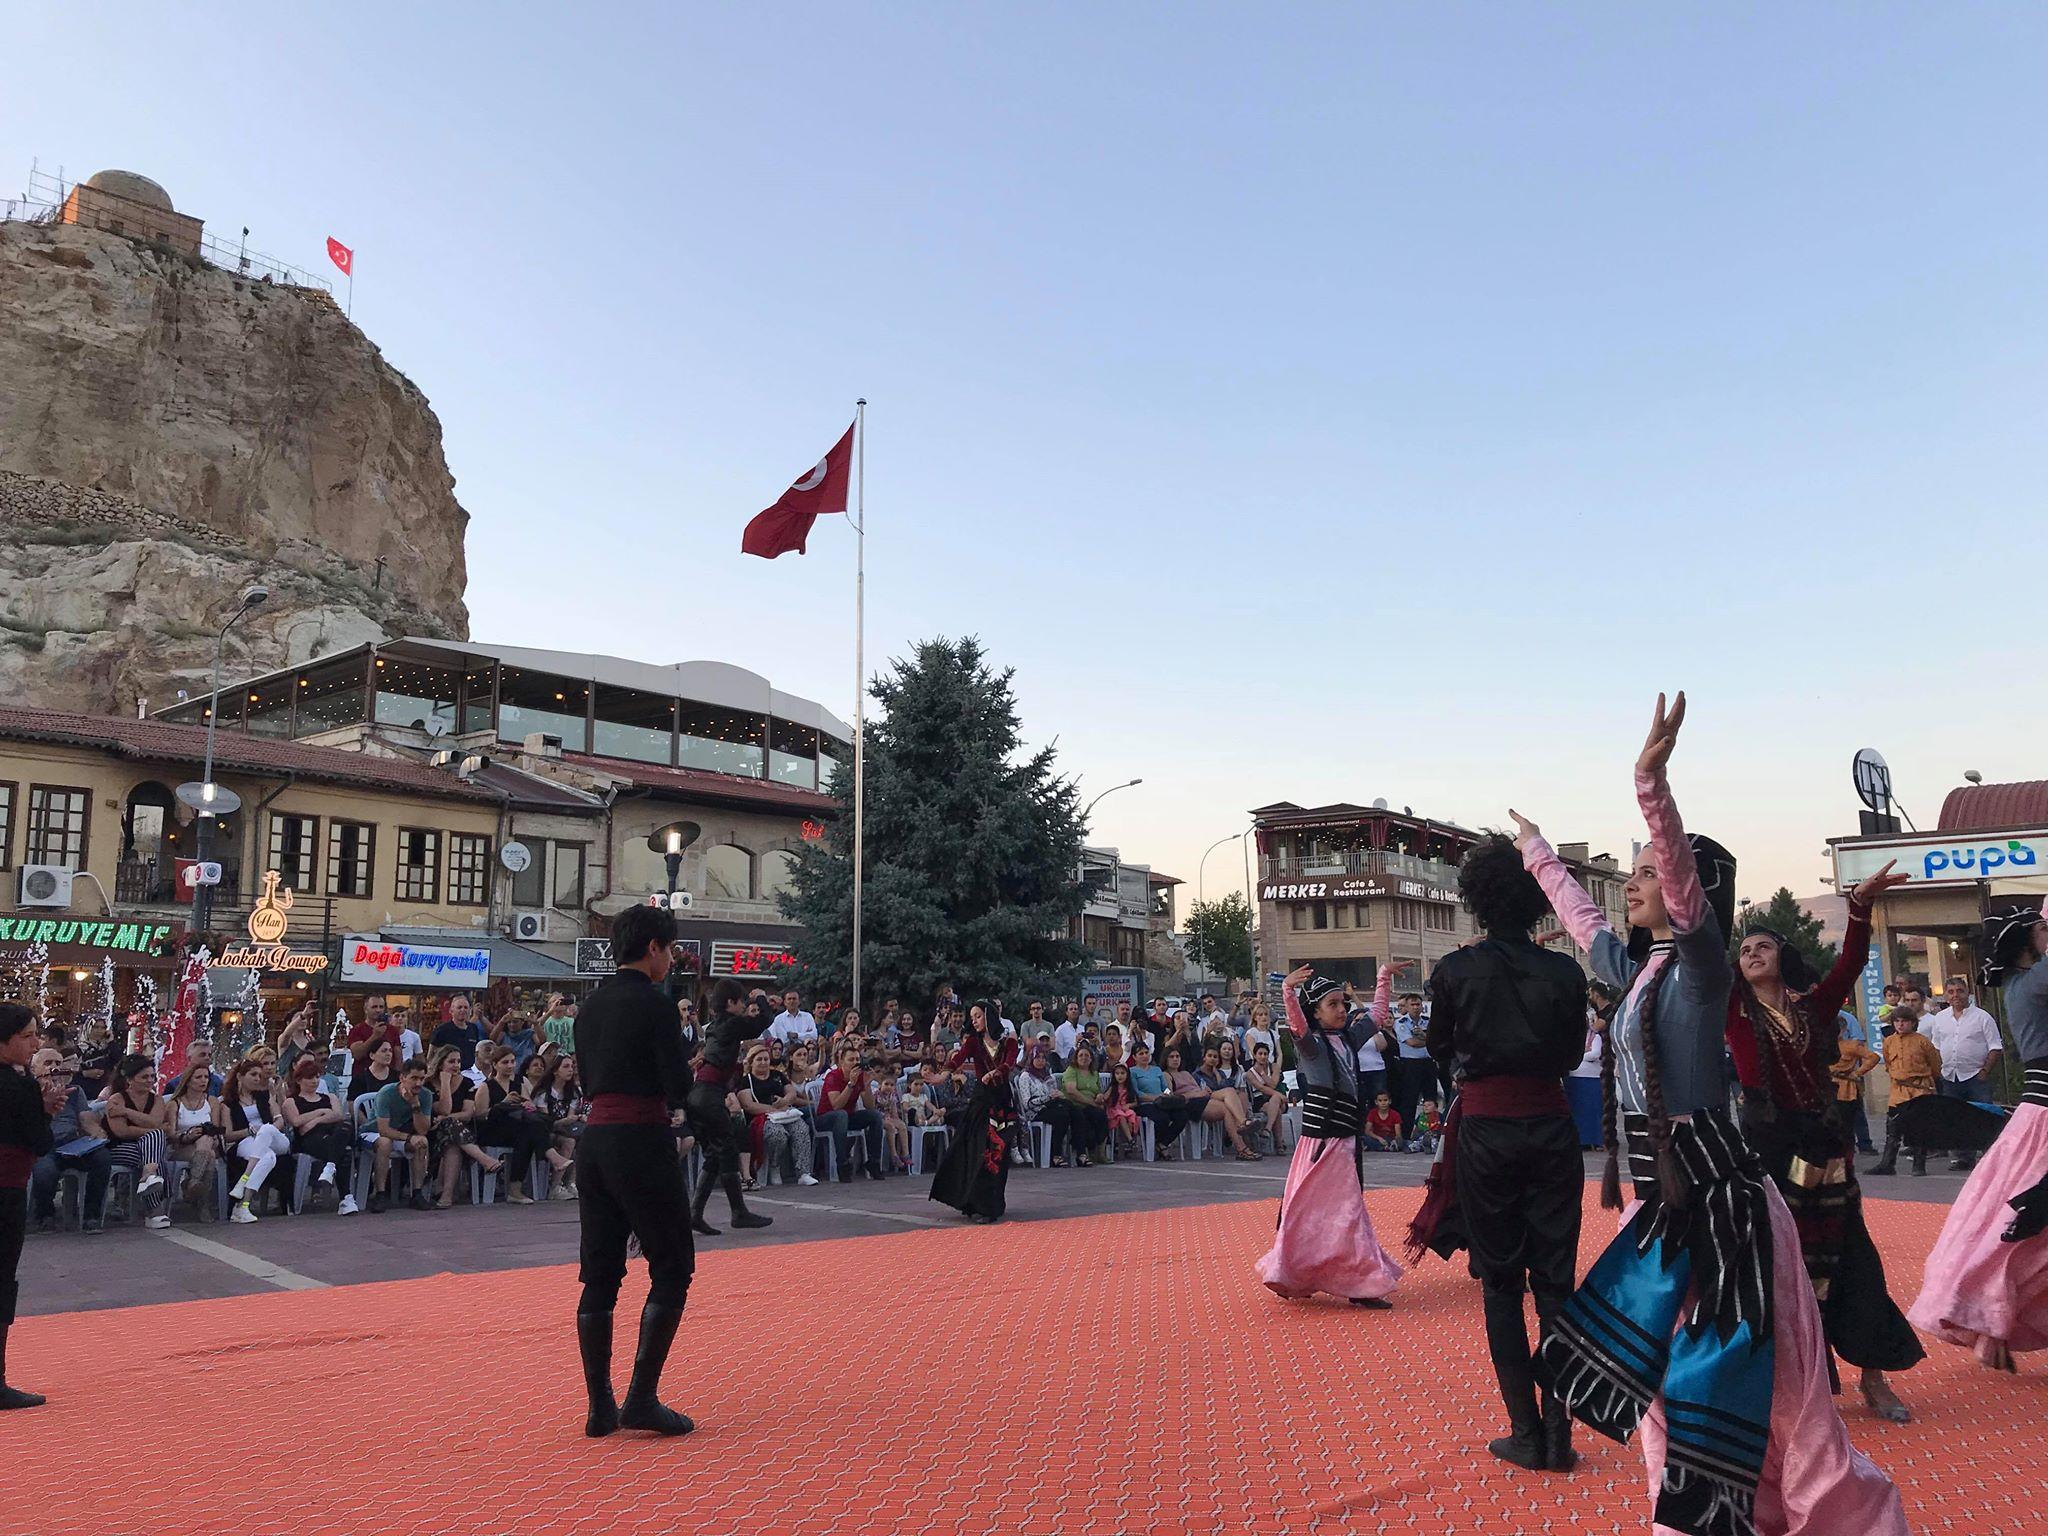 Ürgüp Meydanda Gürcistan folklor Gösterileri